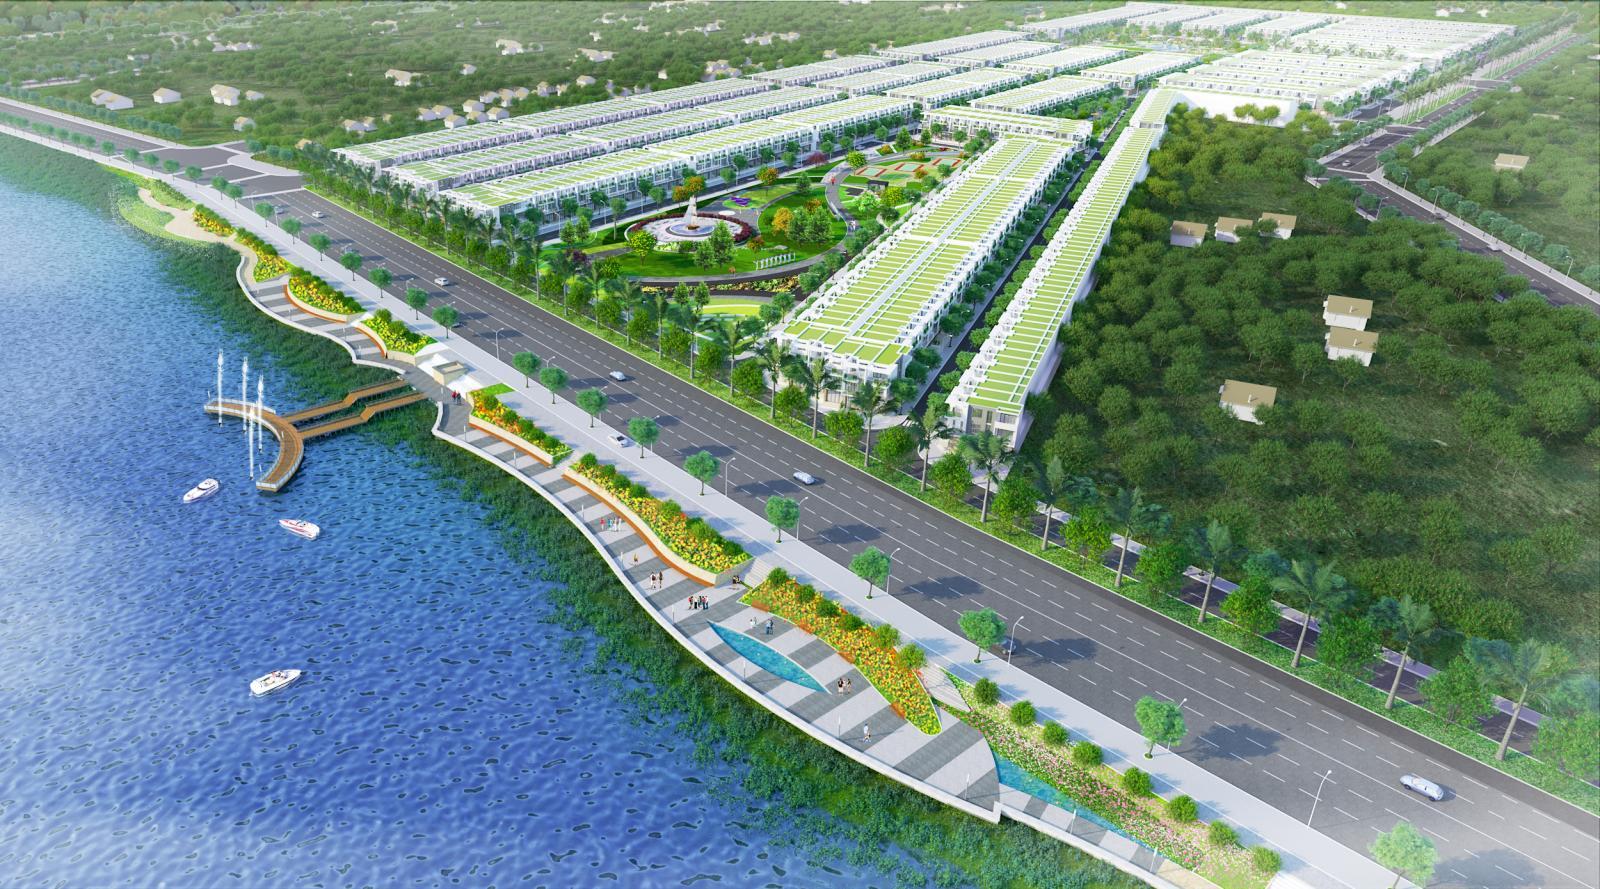 Phối cảnh một dự án bất động sản nằm sát đường quốc lộ ven sông